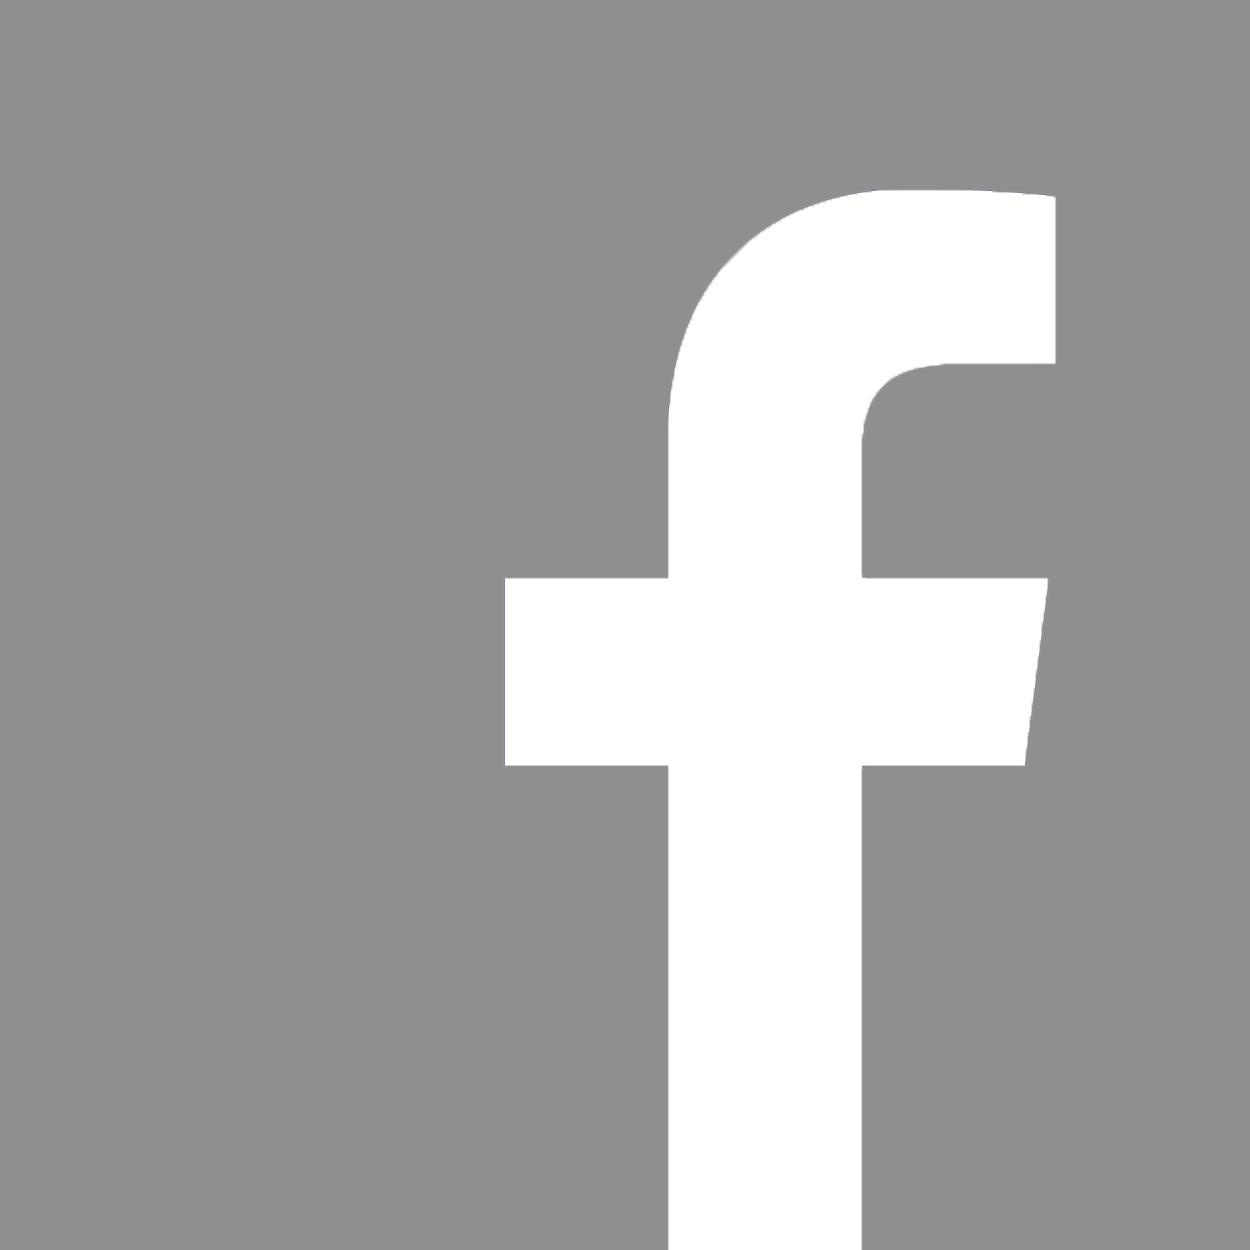 logo-facebookpng